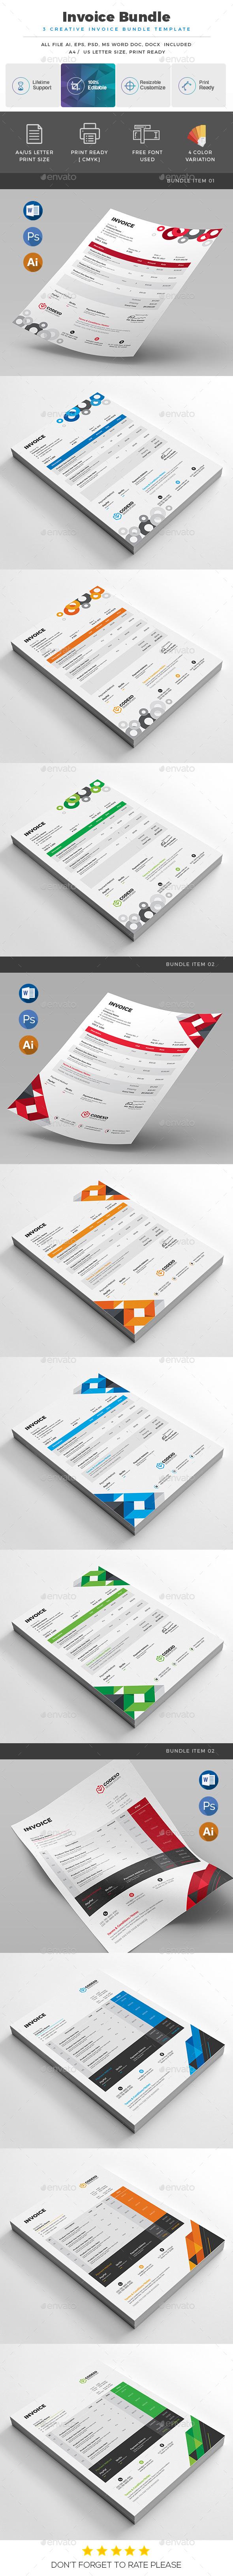 GraphicRiver Invoice Bundle 3 in 1 21015347